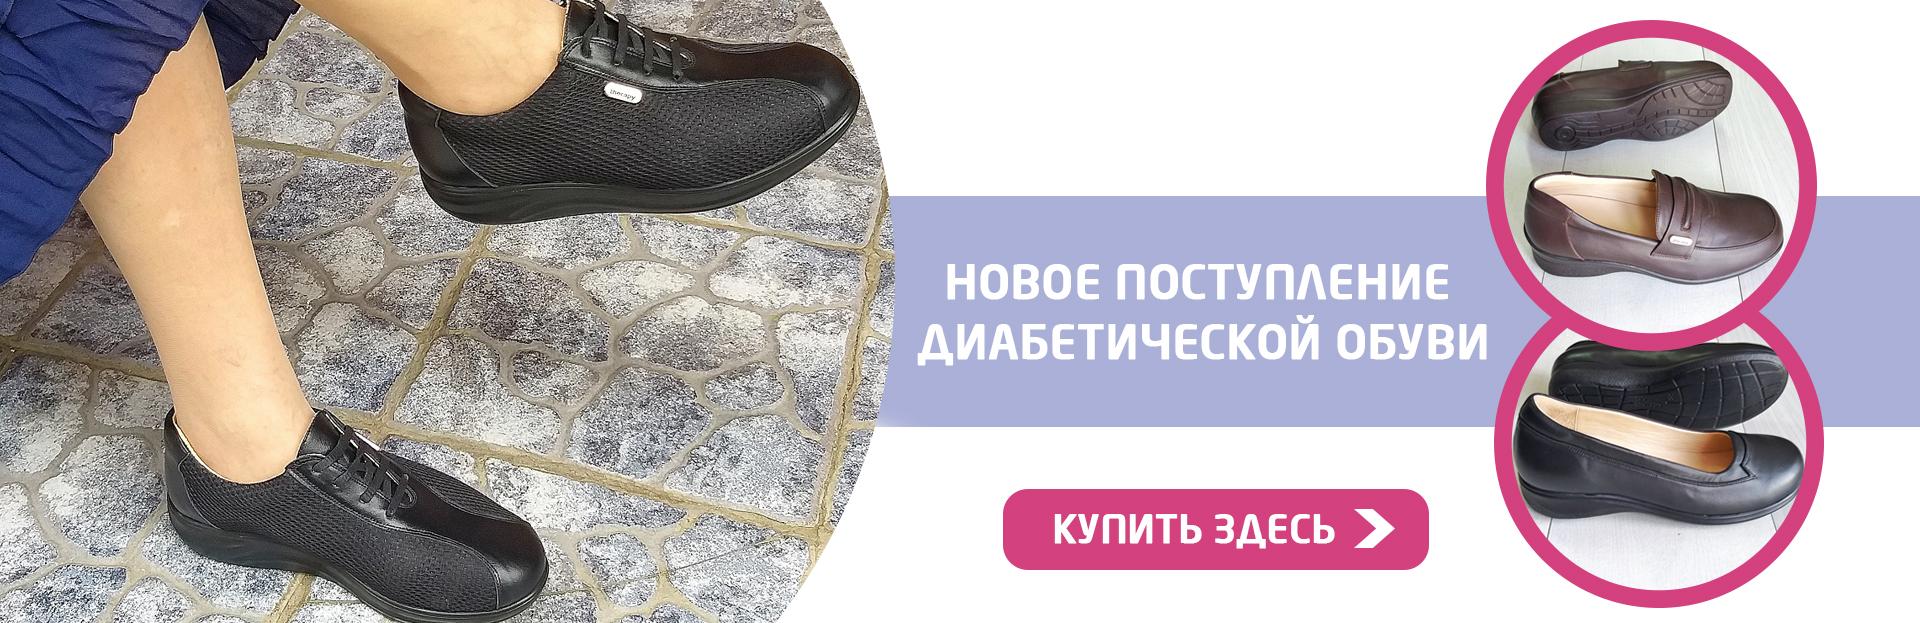 Диабетическая обувь